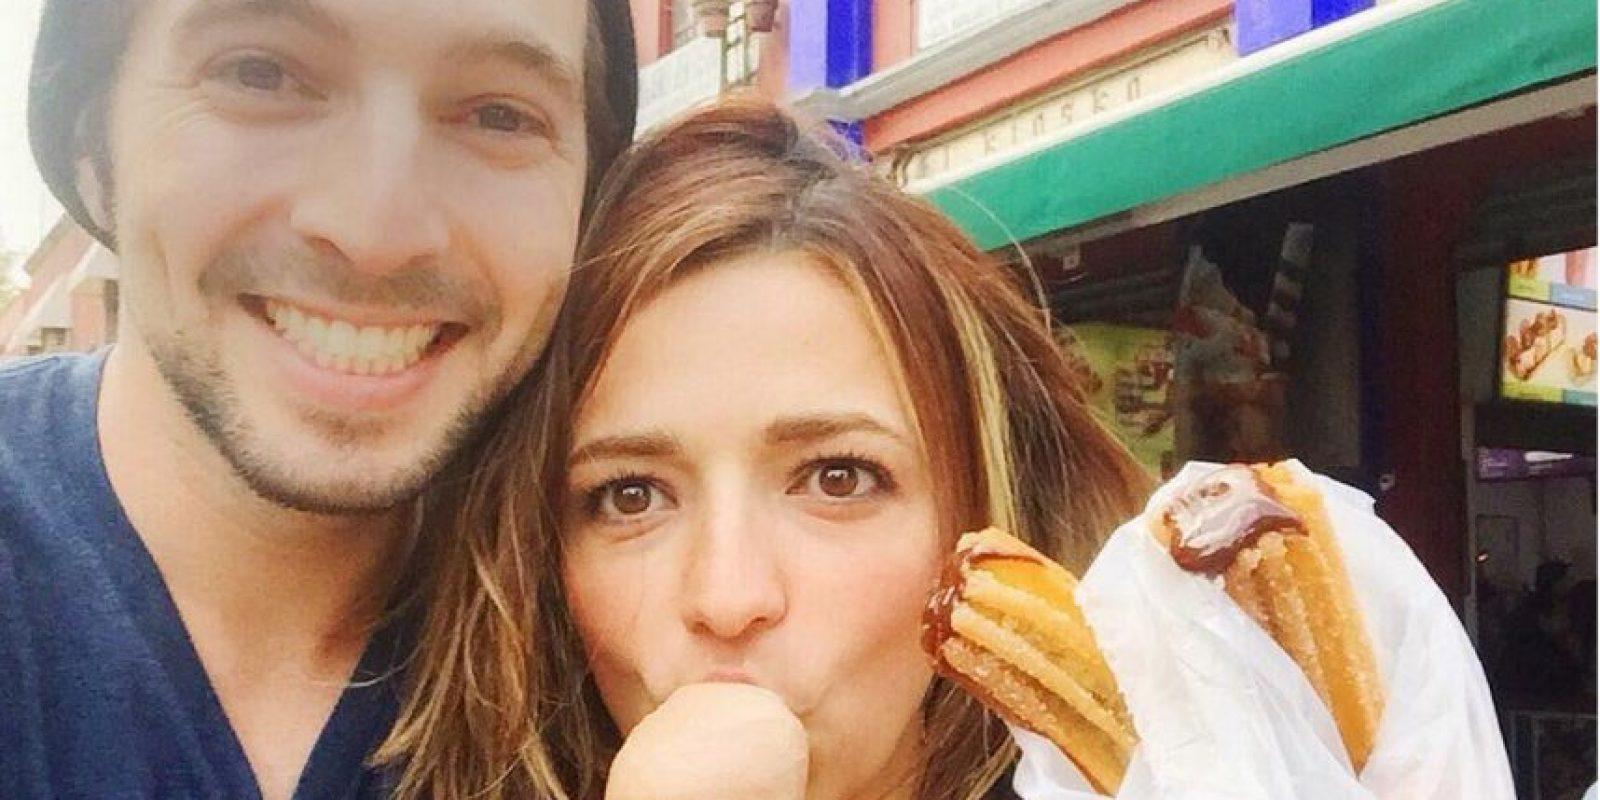 Diversas publicaciones de farándula señalan que Aguirre tiene novia Foto:Vía instagram.com/robaguire/